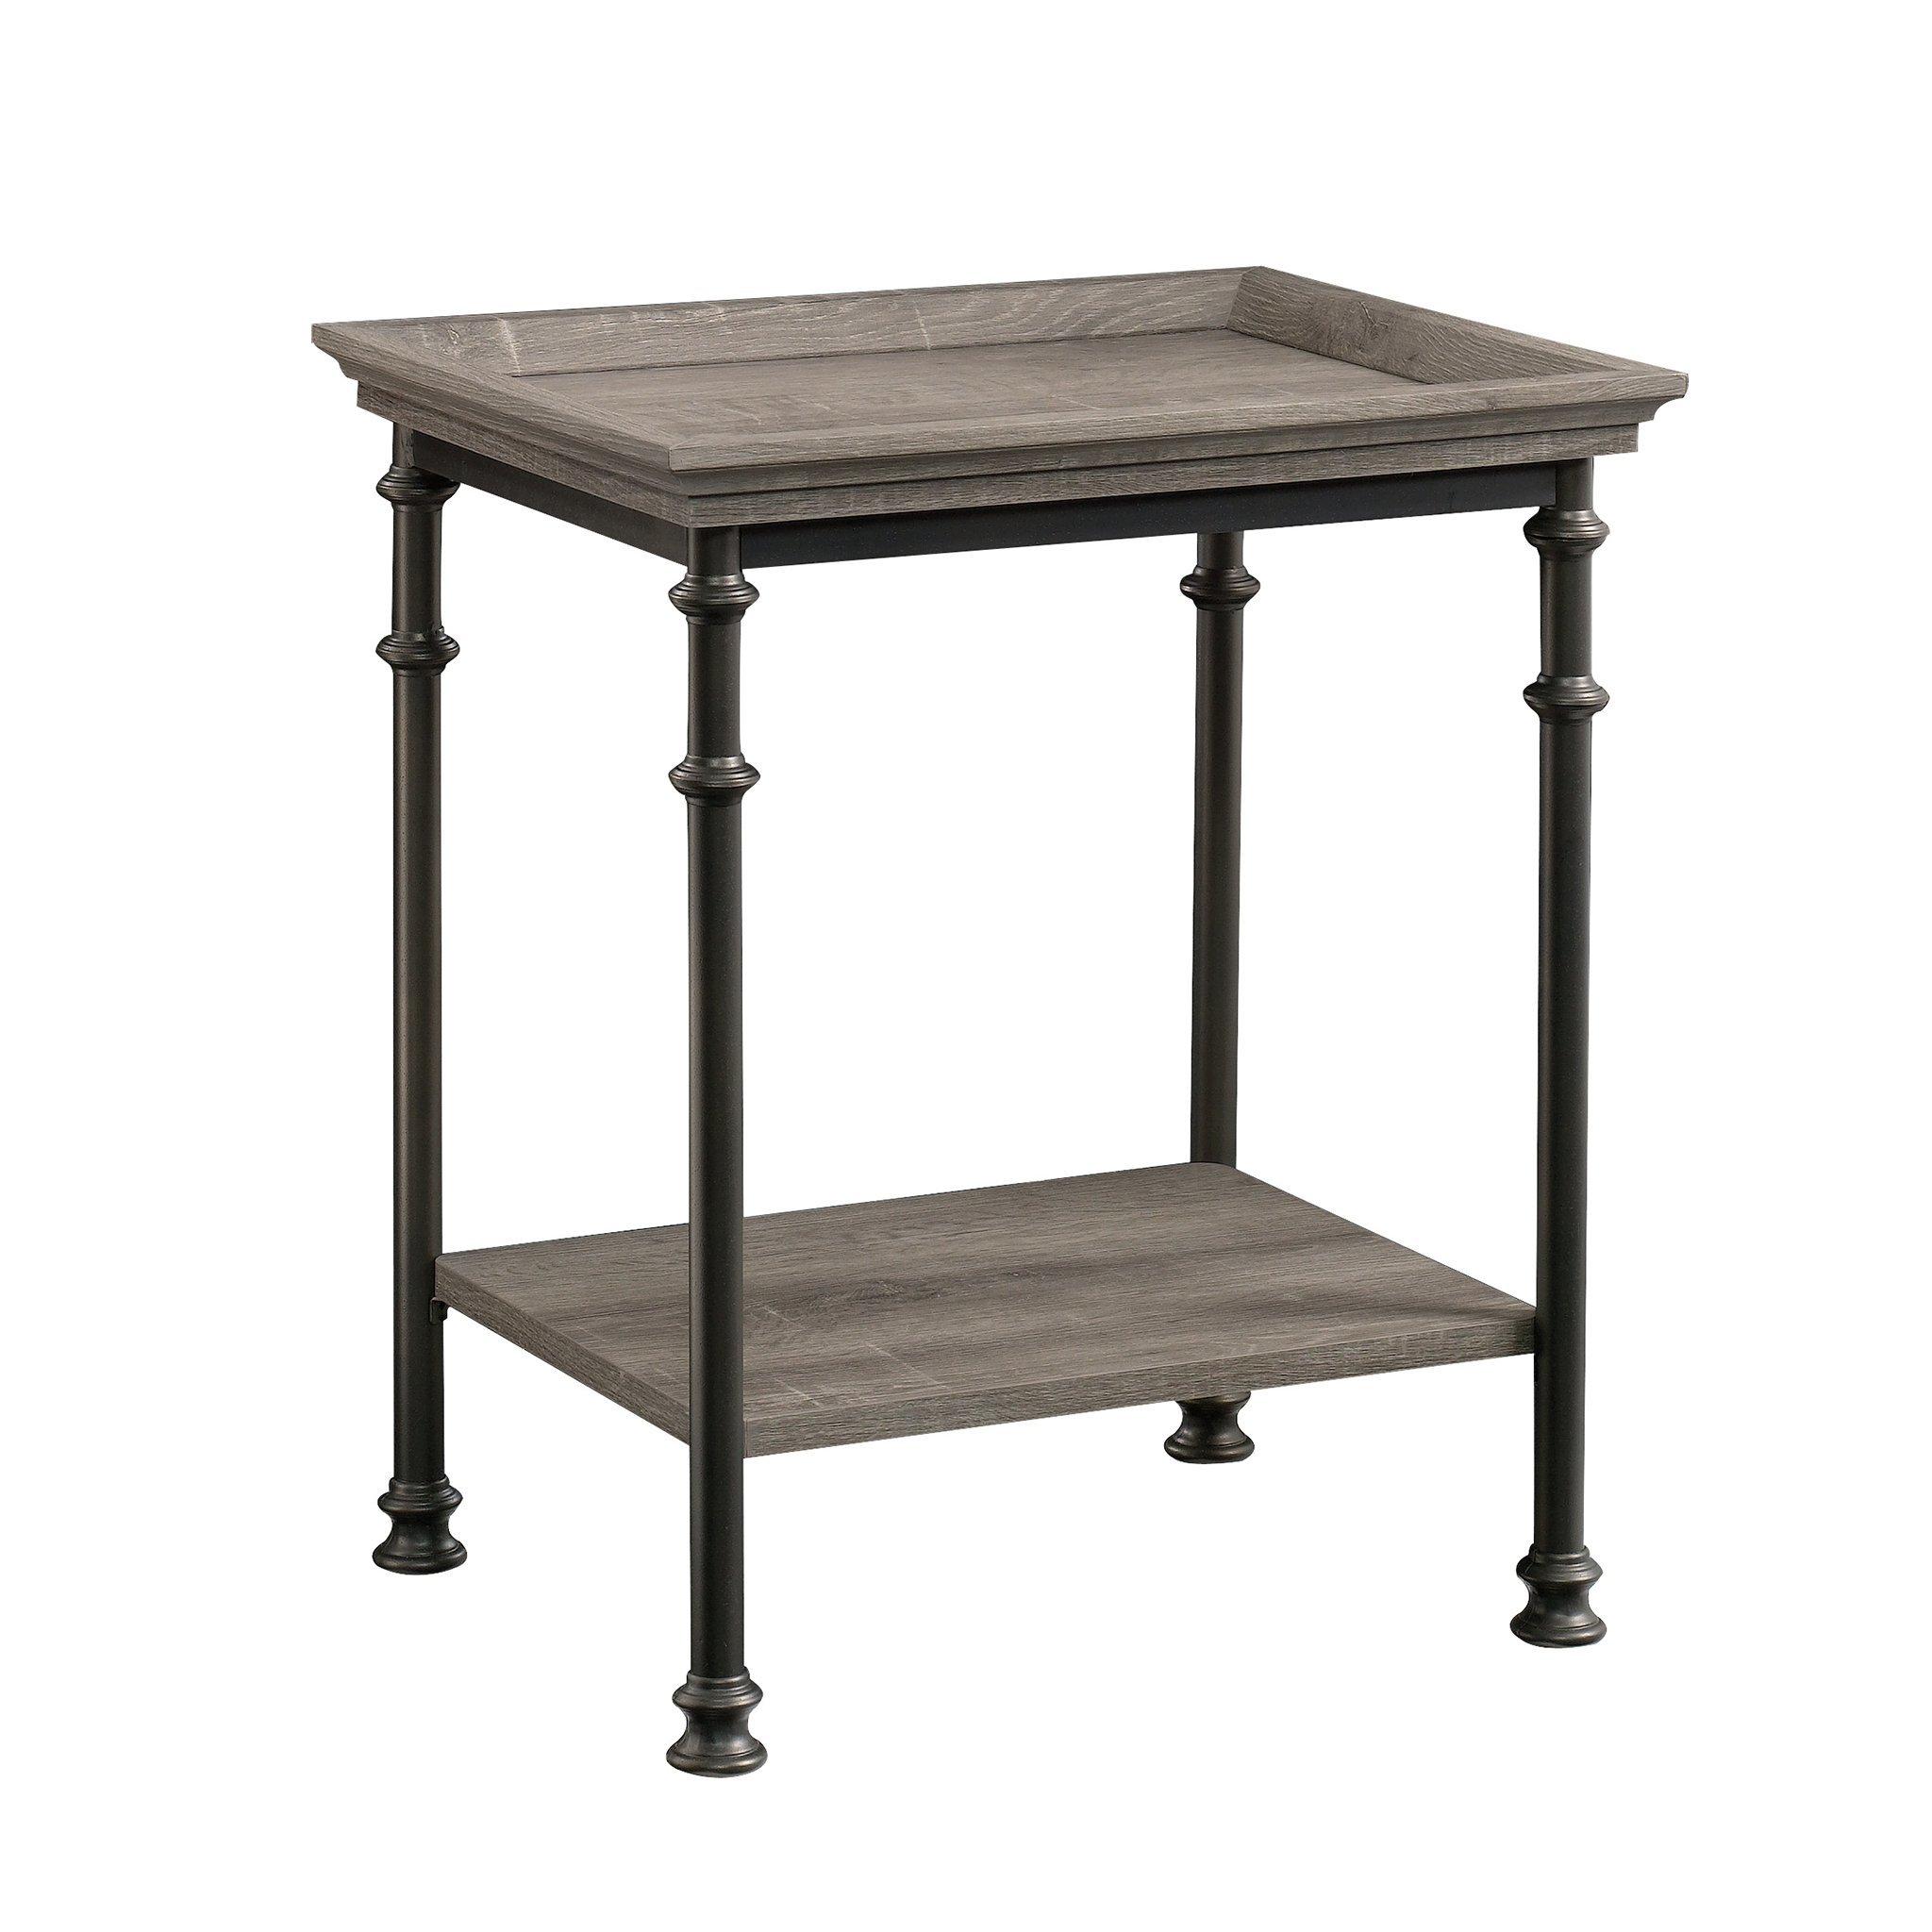 Sauder 419229, Furniture Side Table, Northern Oak